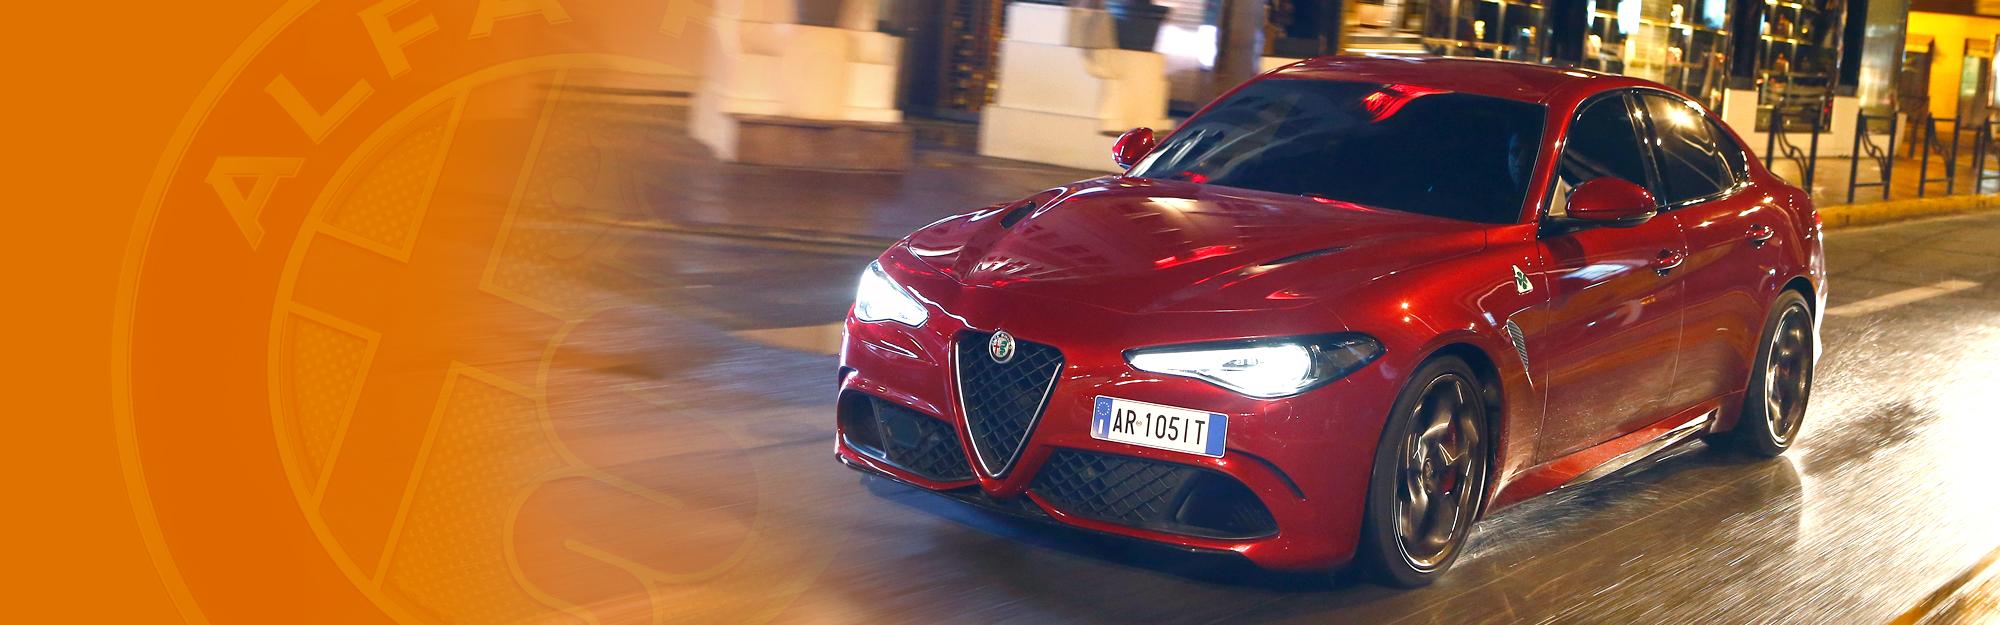 Autohaus Neumann - Alfa Romeo Giulia Quadrifoglio